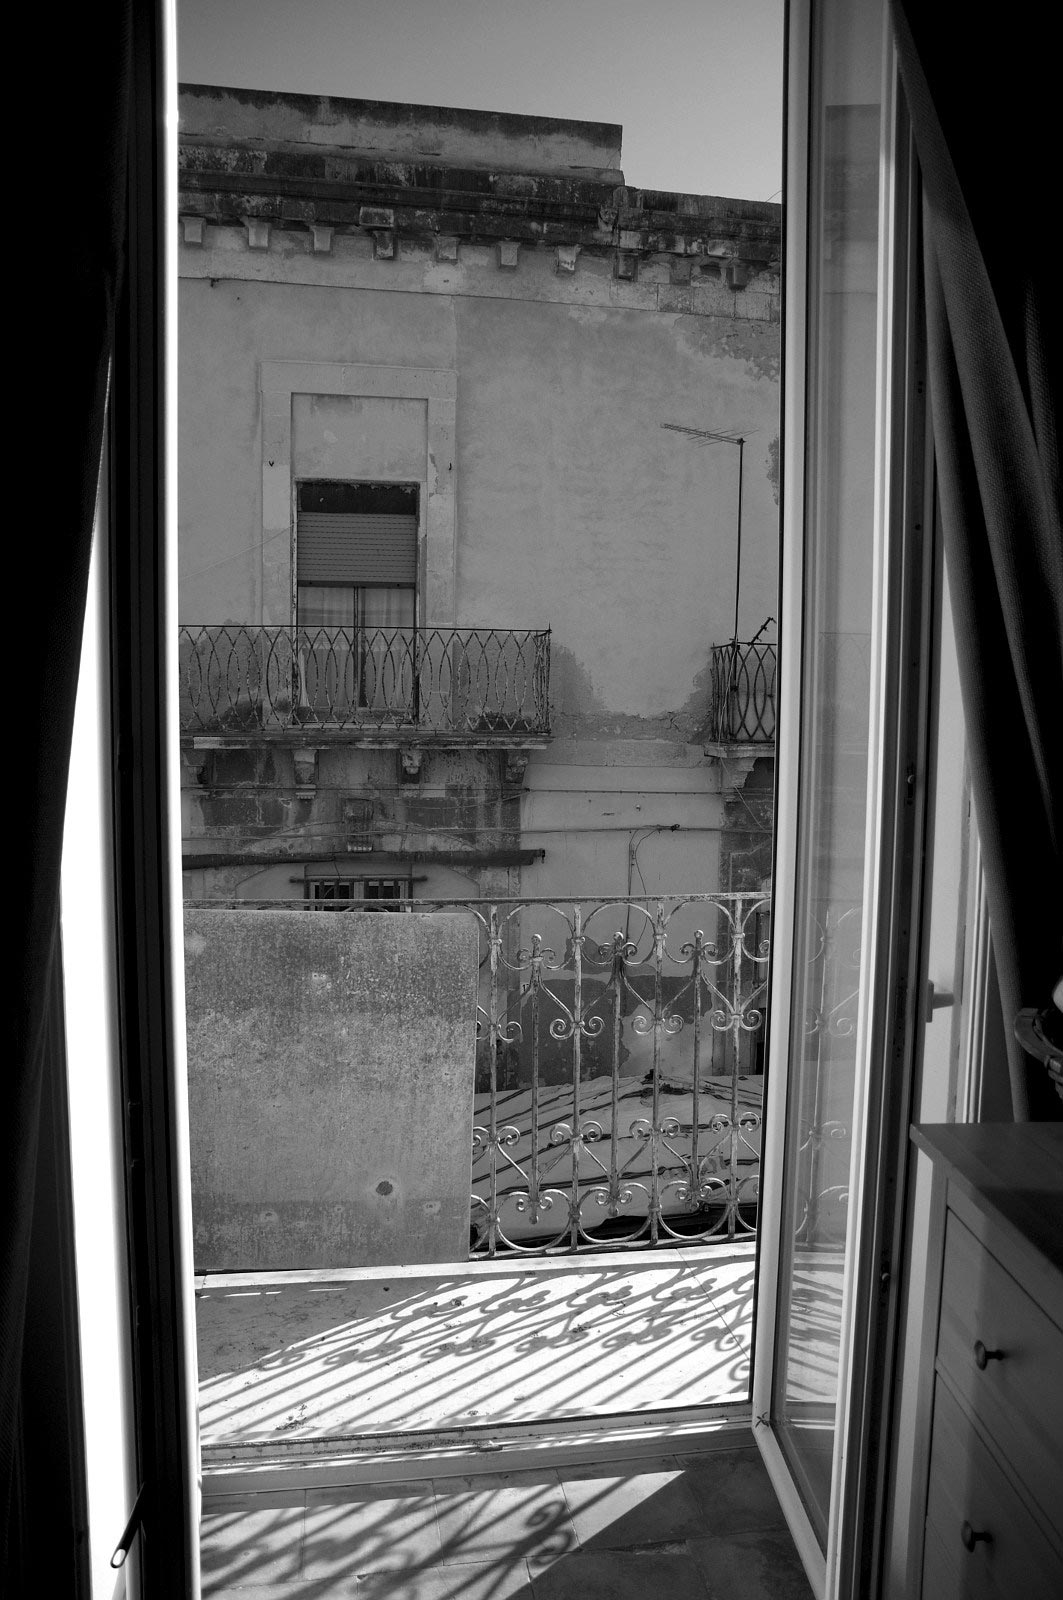 Bio architettura Casa Sabir interno Modica Sicilia Sicily